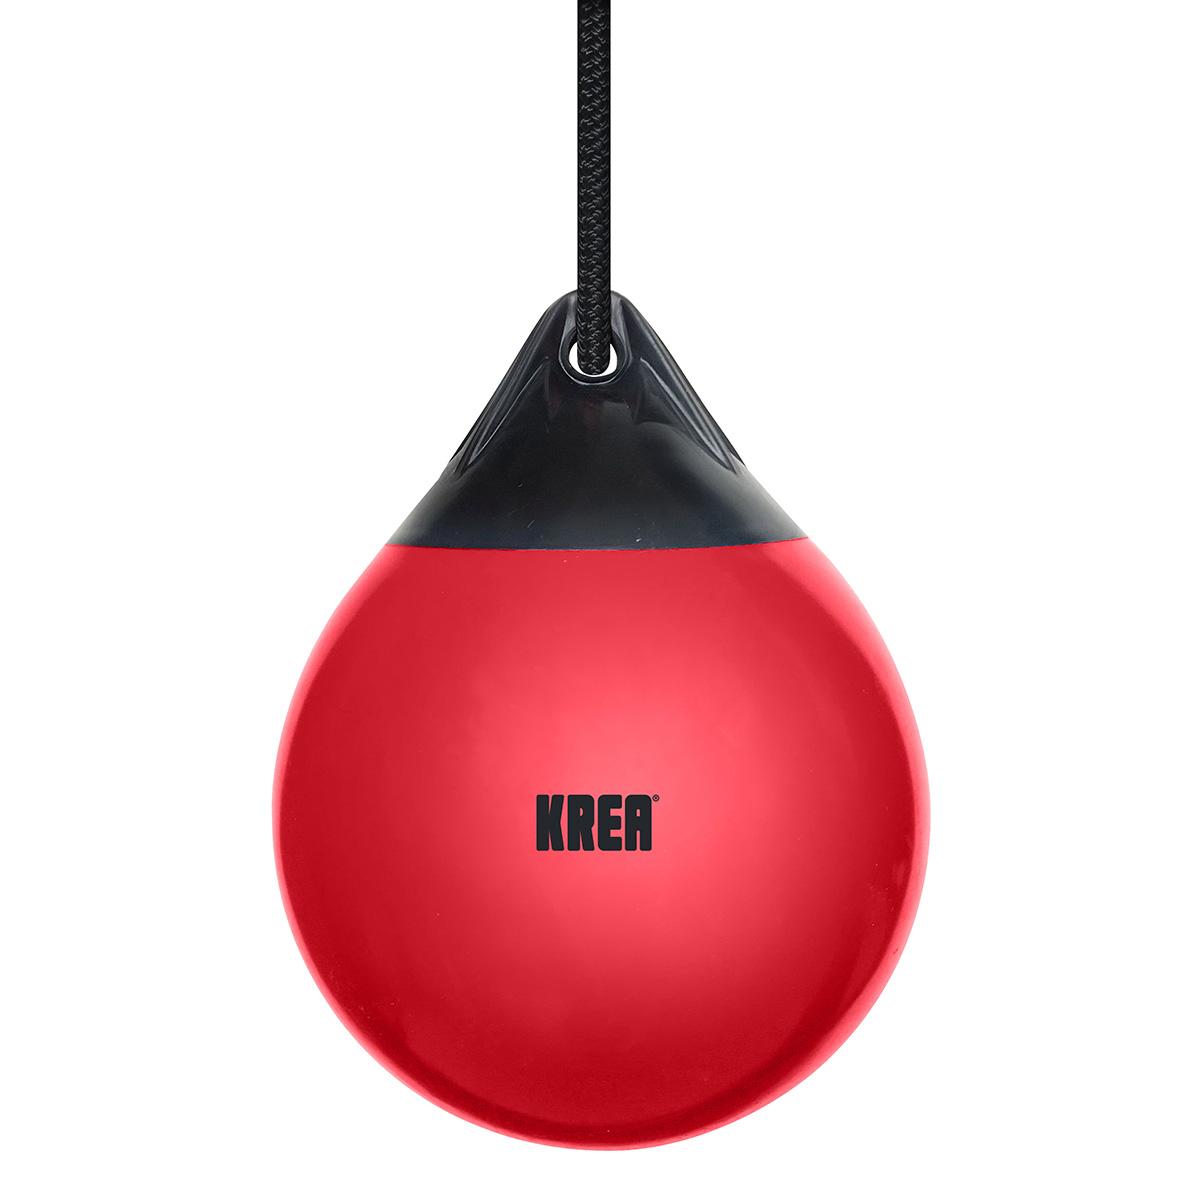 Krea gyngebold - Rød